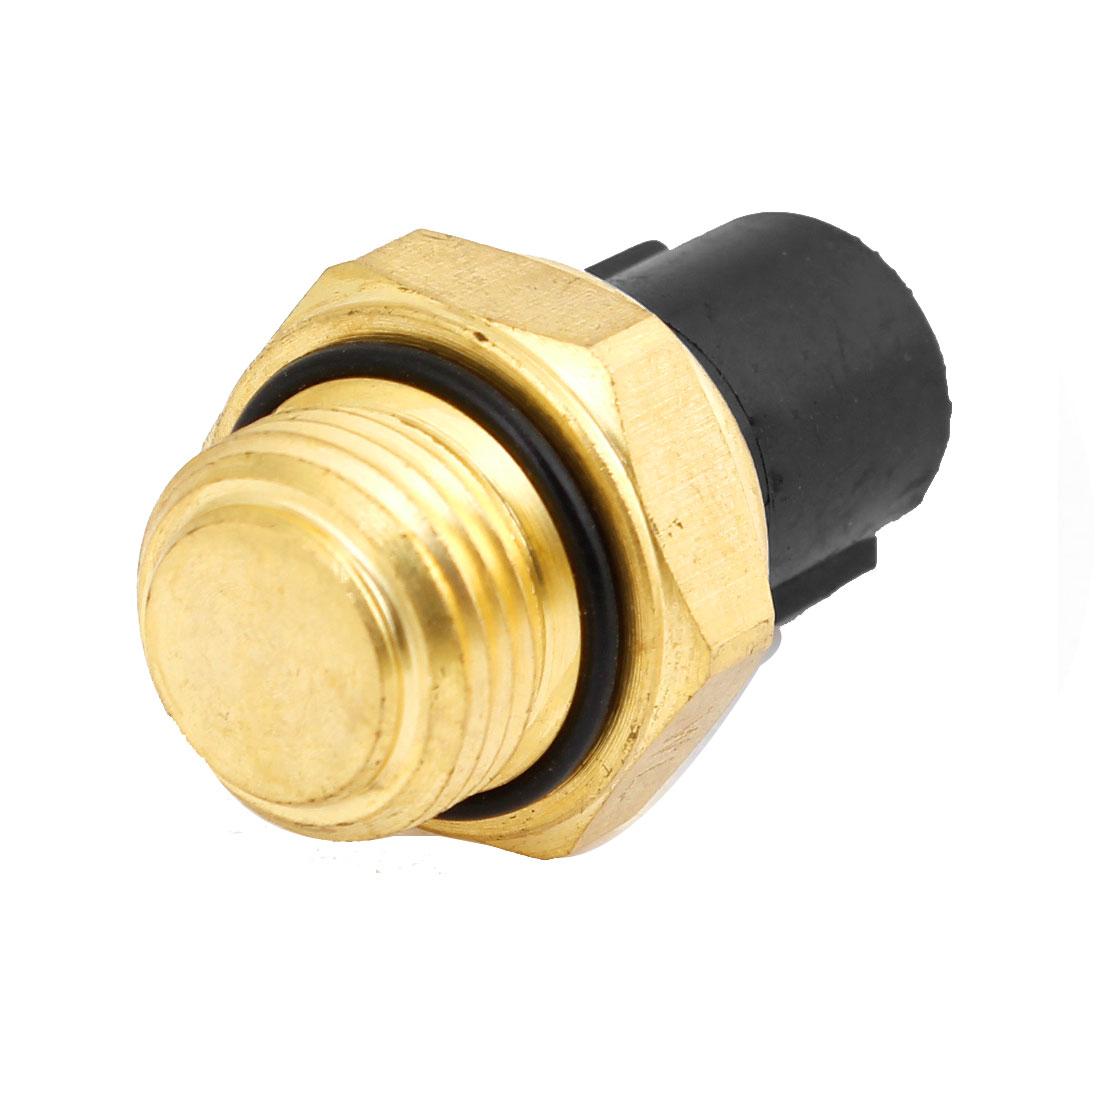 37773-PT3-A01 Engine Coolant Temperature Sensor Replacement Part for Vehicle